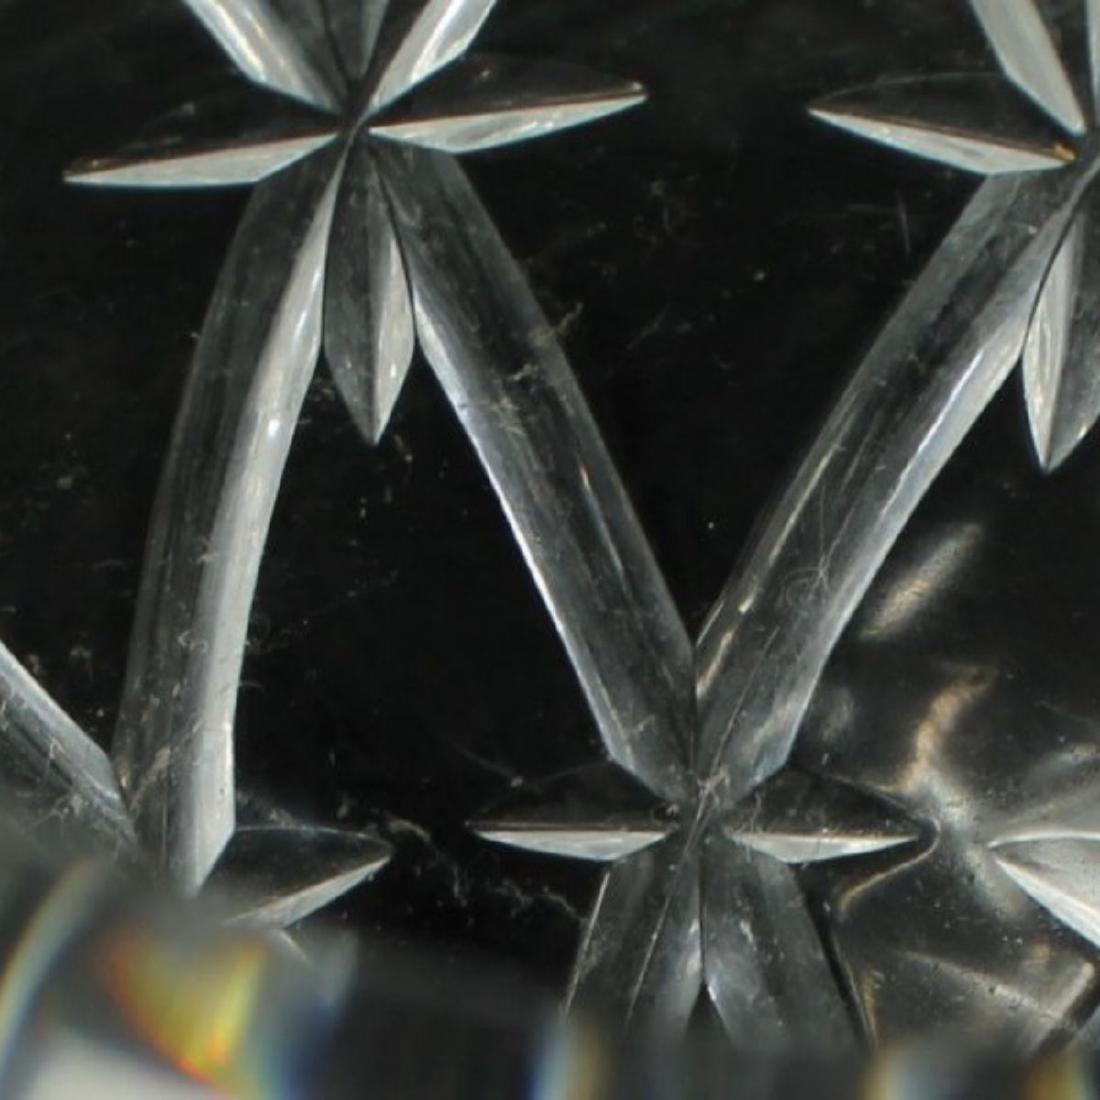 TIFFANY CUT GLASS ROUND VASE - 4